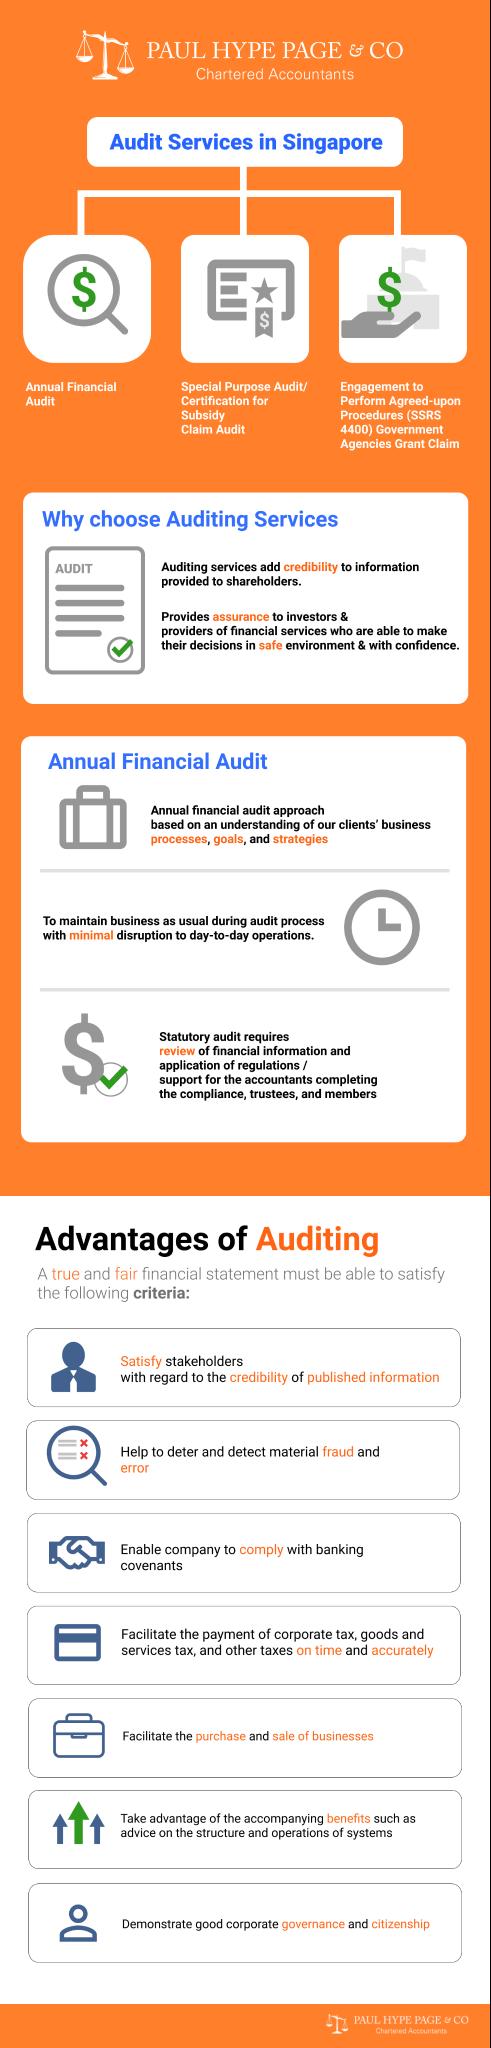 SG Audit Services